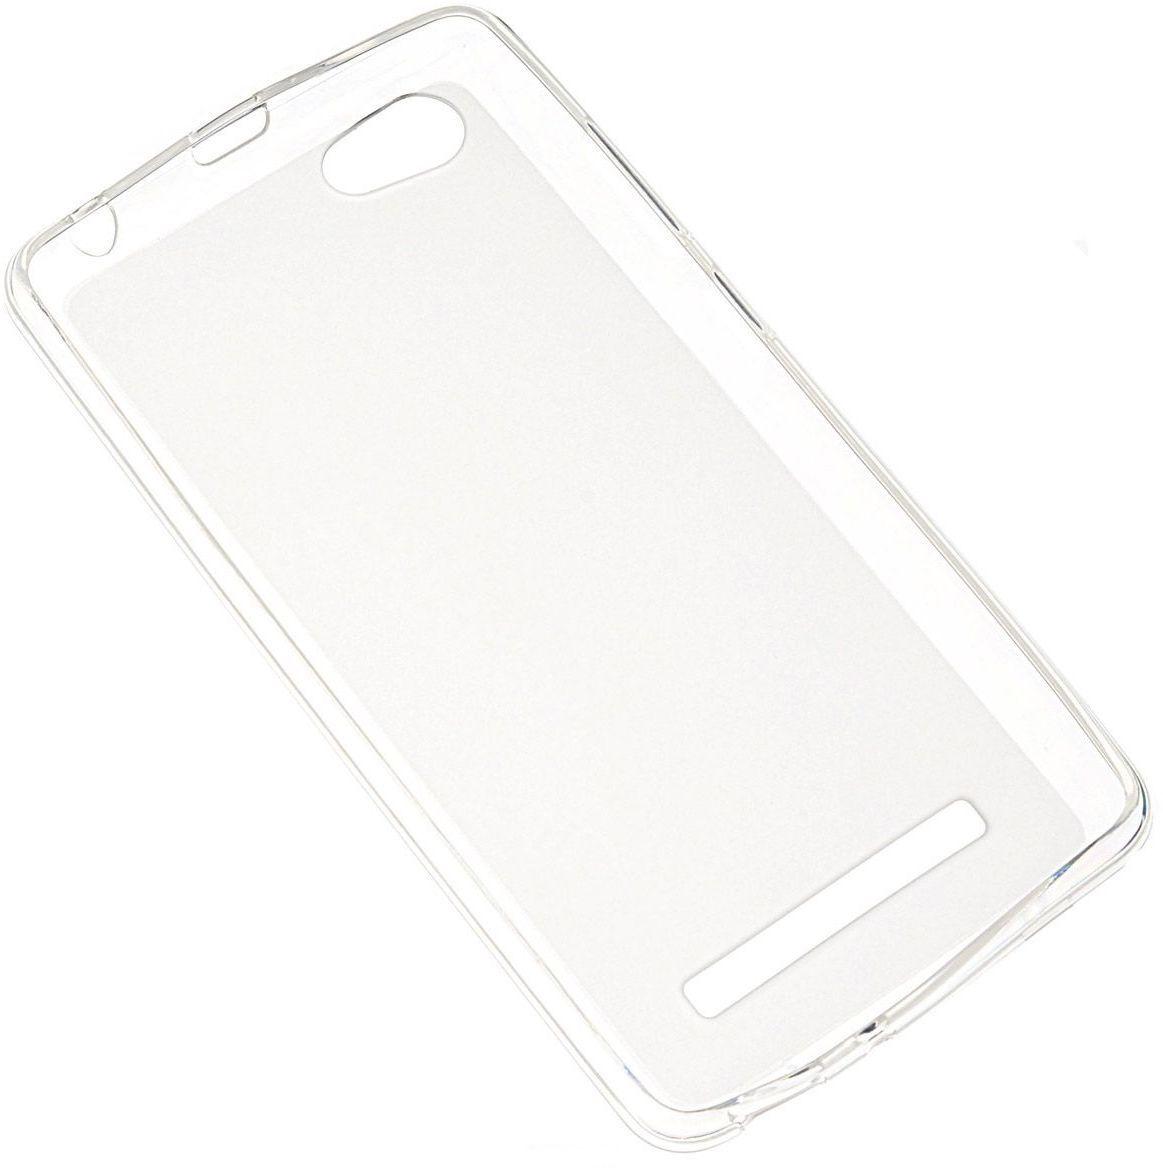 Skinbox Slim Silicone чехол для Phillips S386, Transparent2000000132327Чехол надежно защищает ваш смартфон от внешних воздействий, грязи, пыли, брызг. Он также поможет при ударах и падениях, не позволив образоваться на корпусе царапинам и потертостям. Чехол обеспечивает свободный доступ ко всем функциональным кнопкам смартфона и камере.